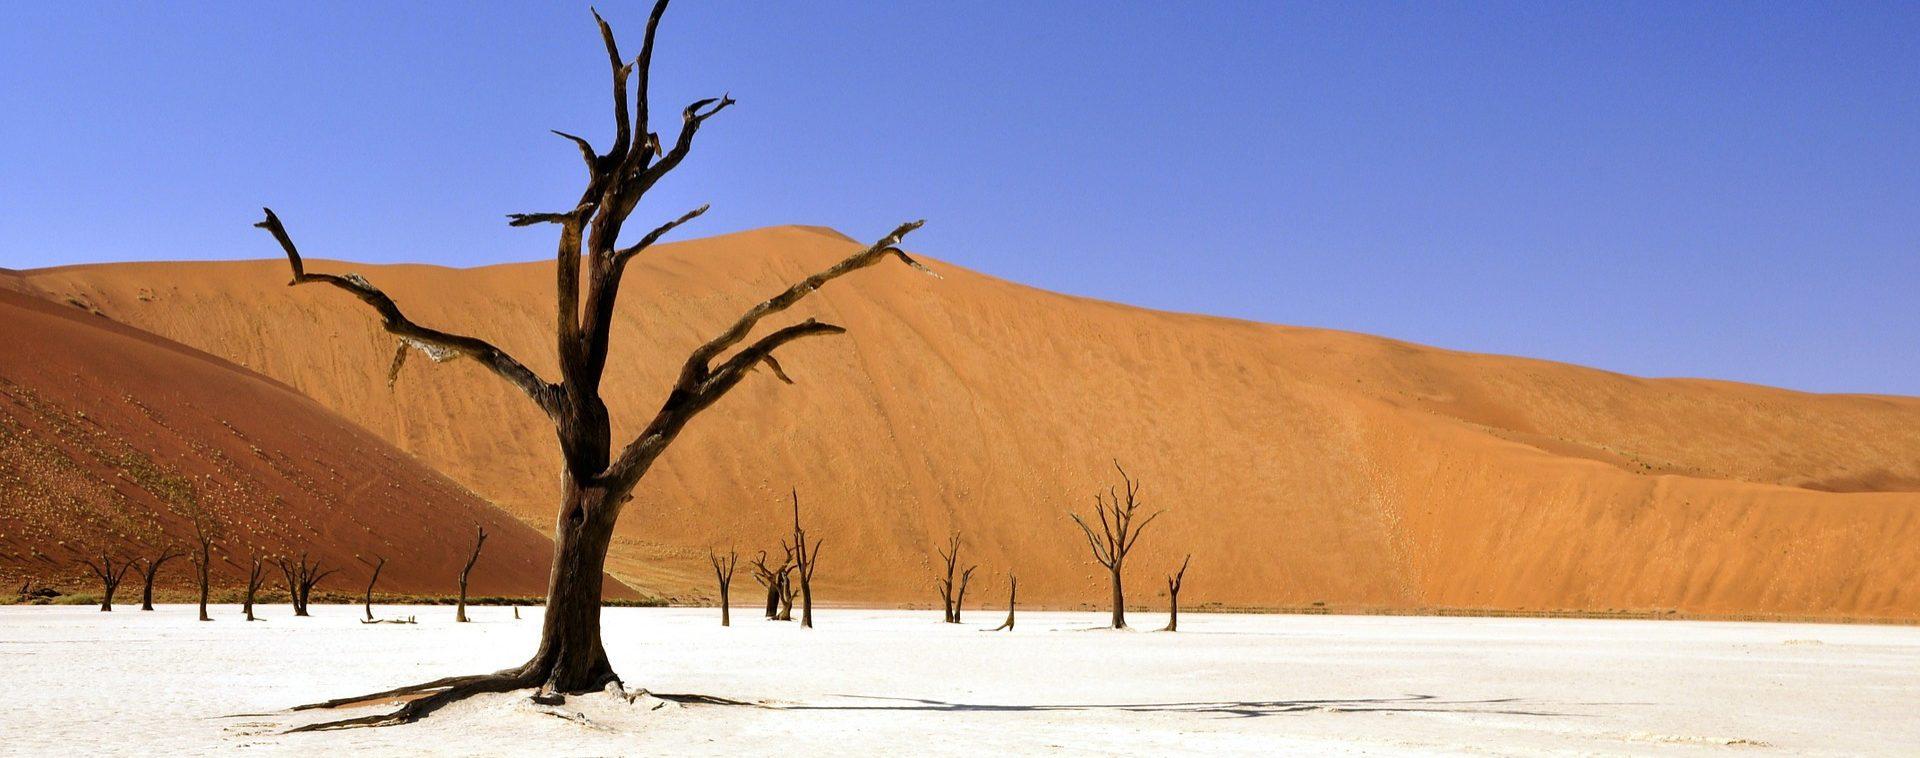 Namibie - Découverte de la Namibie en Liberté - Les matins du monde